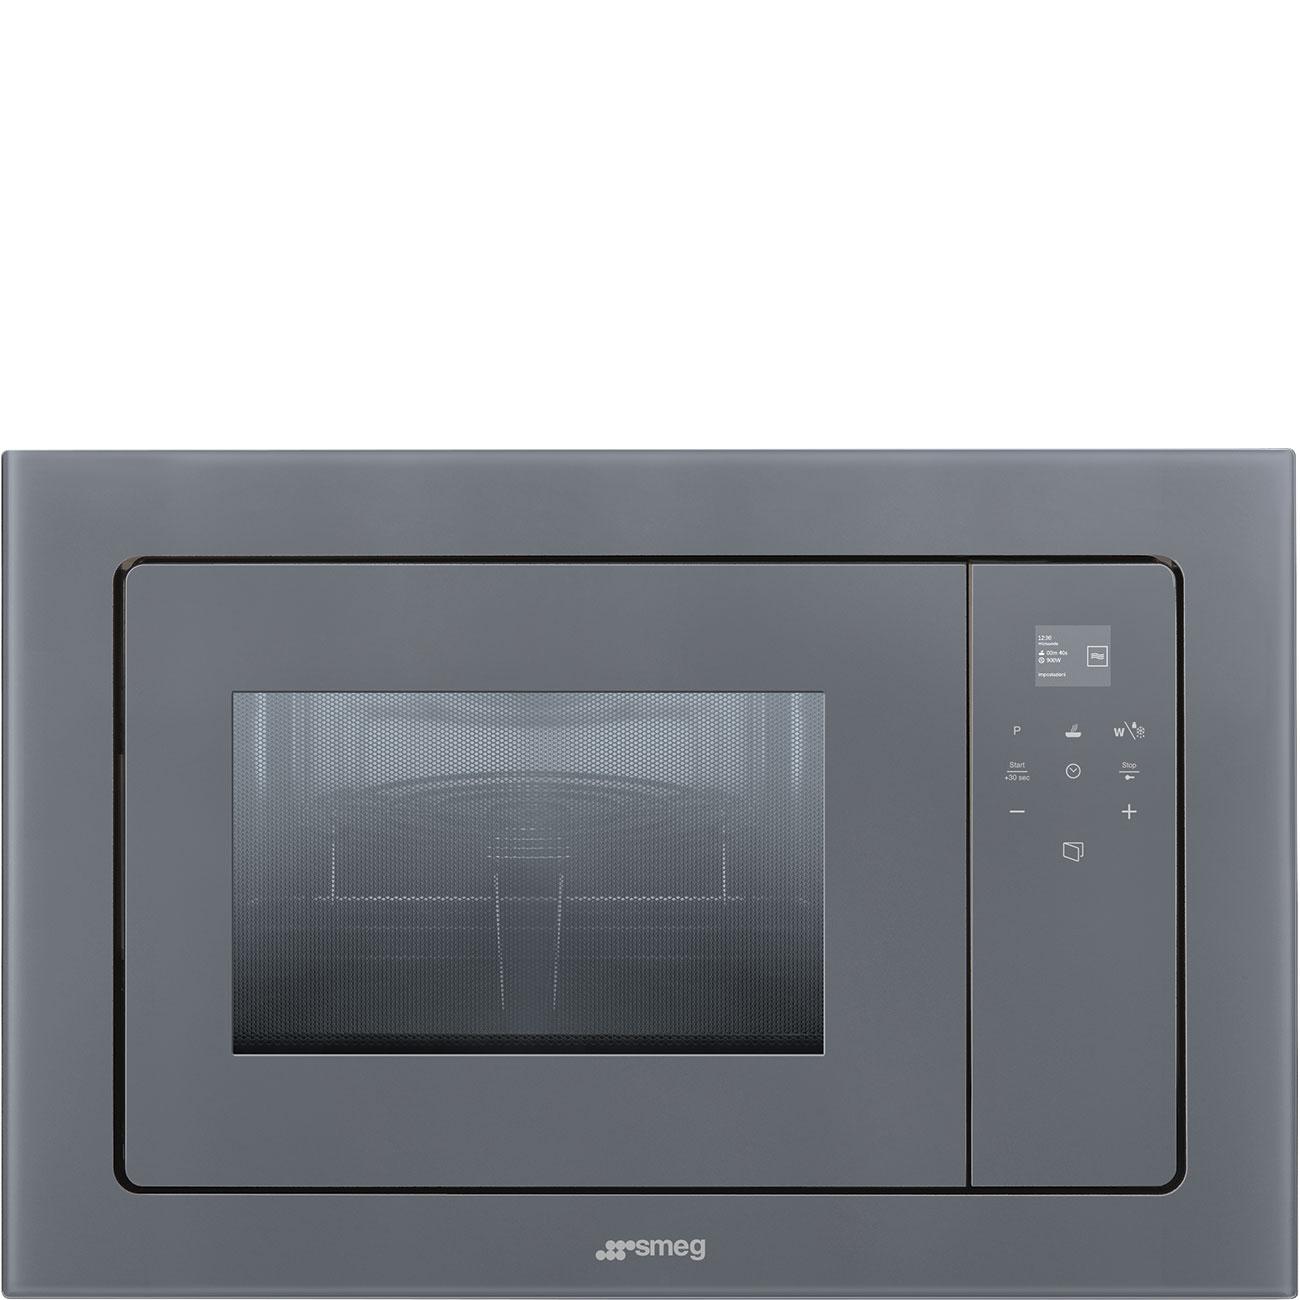 FMI120S2